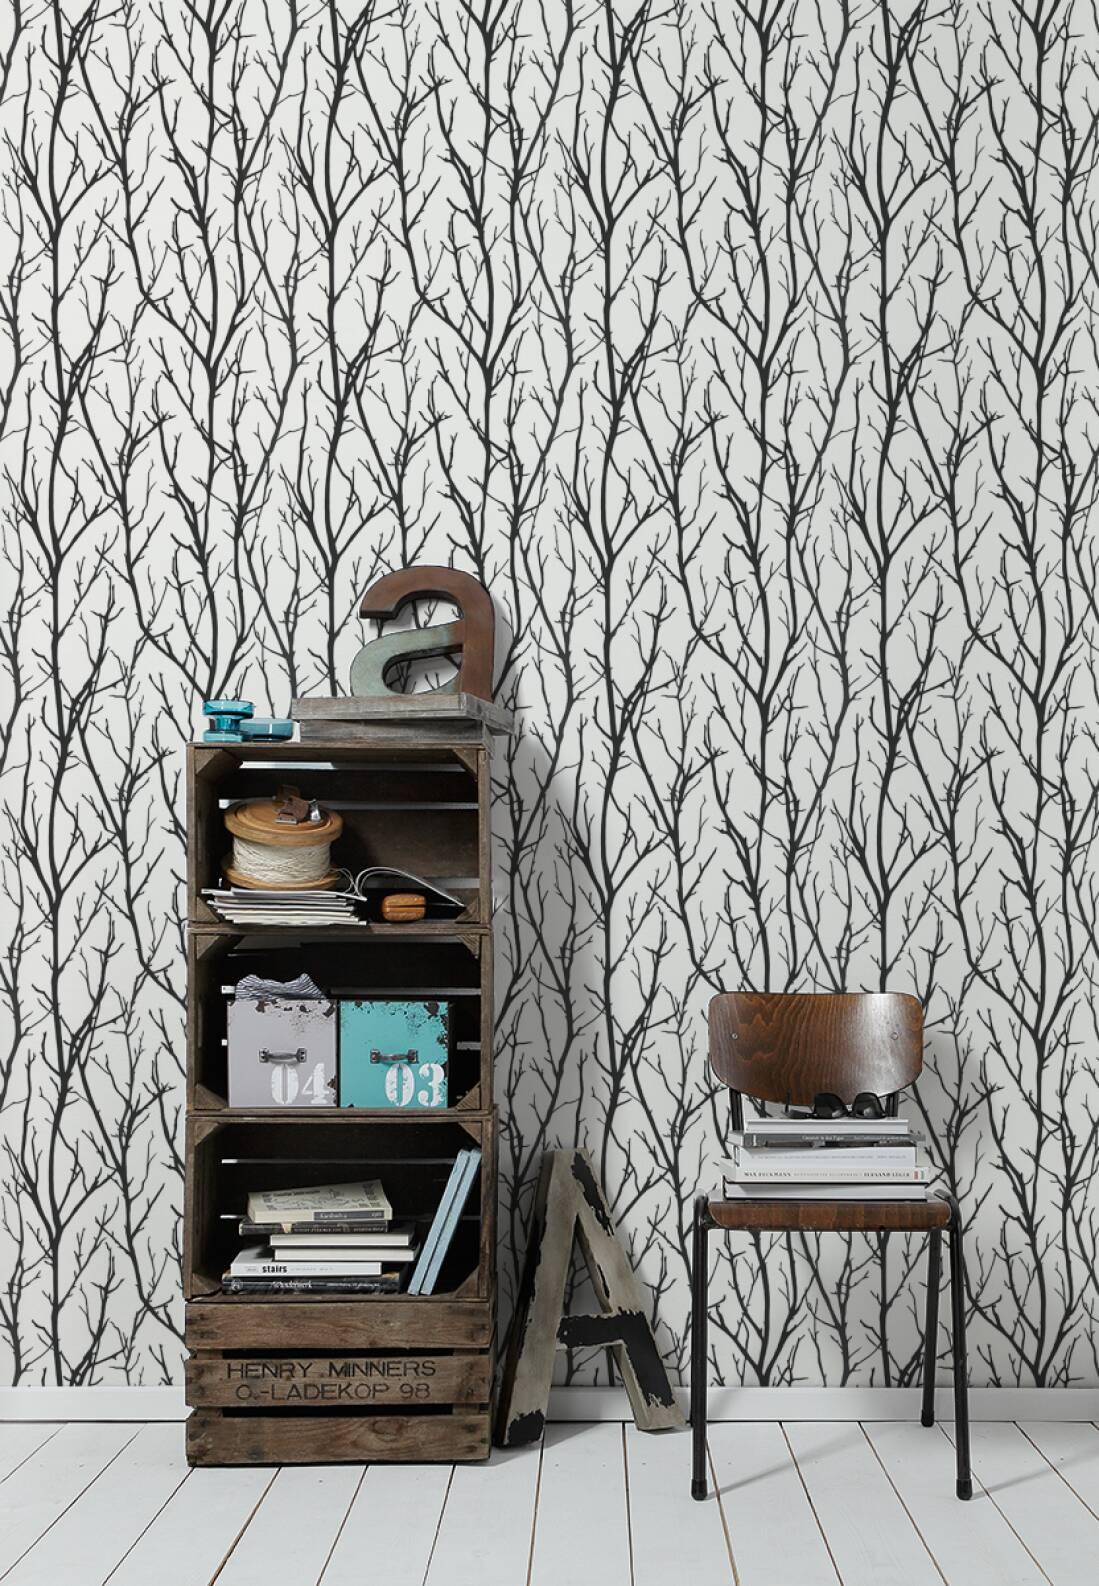 Sch ner wohnen wallpaper 268341 for Schoener wohnen